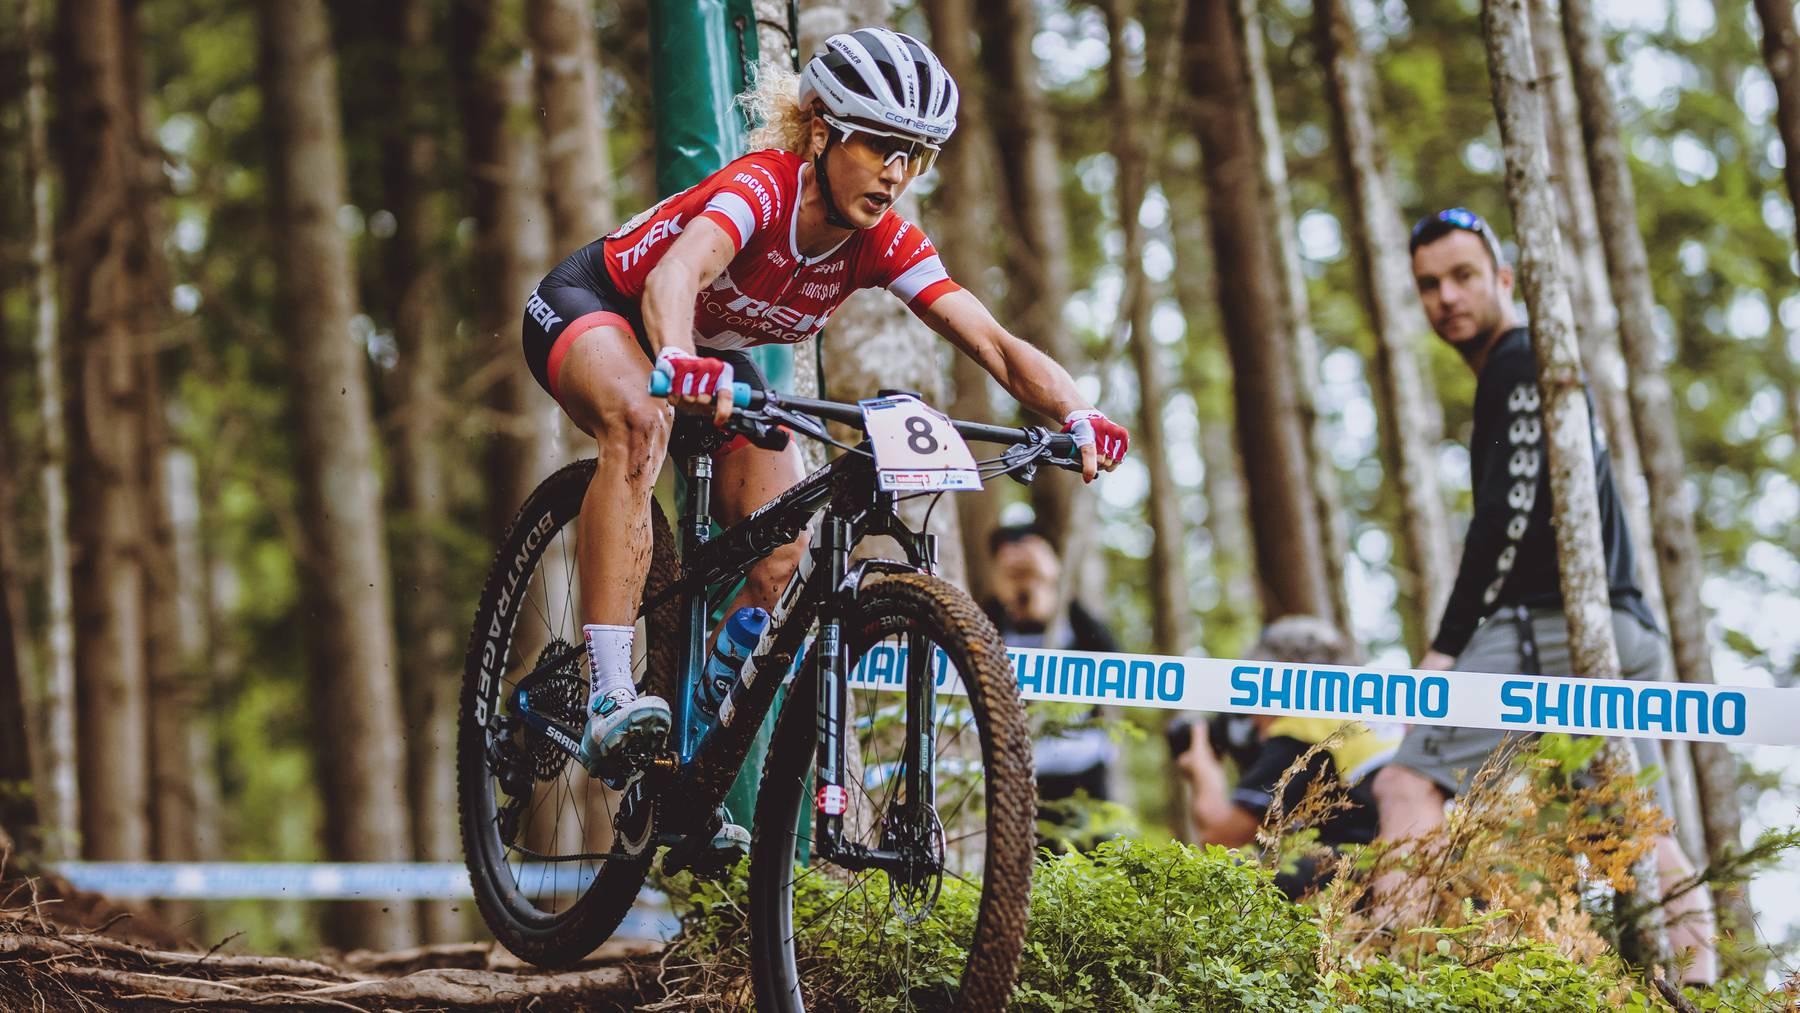 Jolanda Neff (SUI) am Sonntag, 13. Juni 2021, während des Cross Countryp Bewerb der Damen im Rahmen des UCI Mountainbike Weltcup in Leogang.